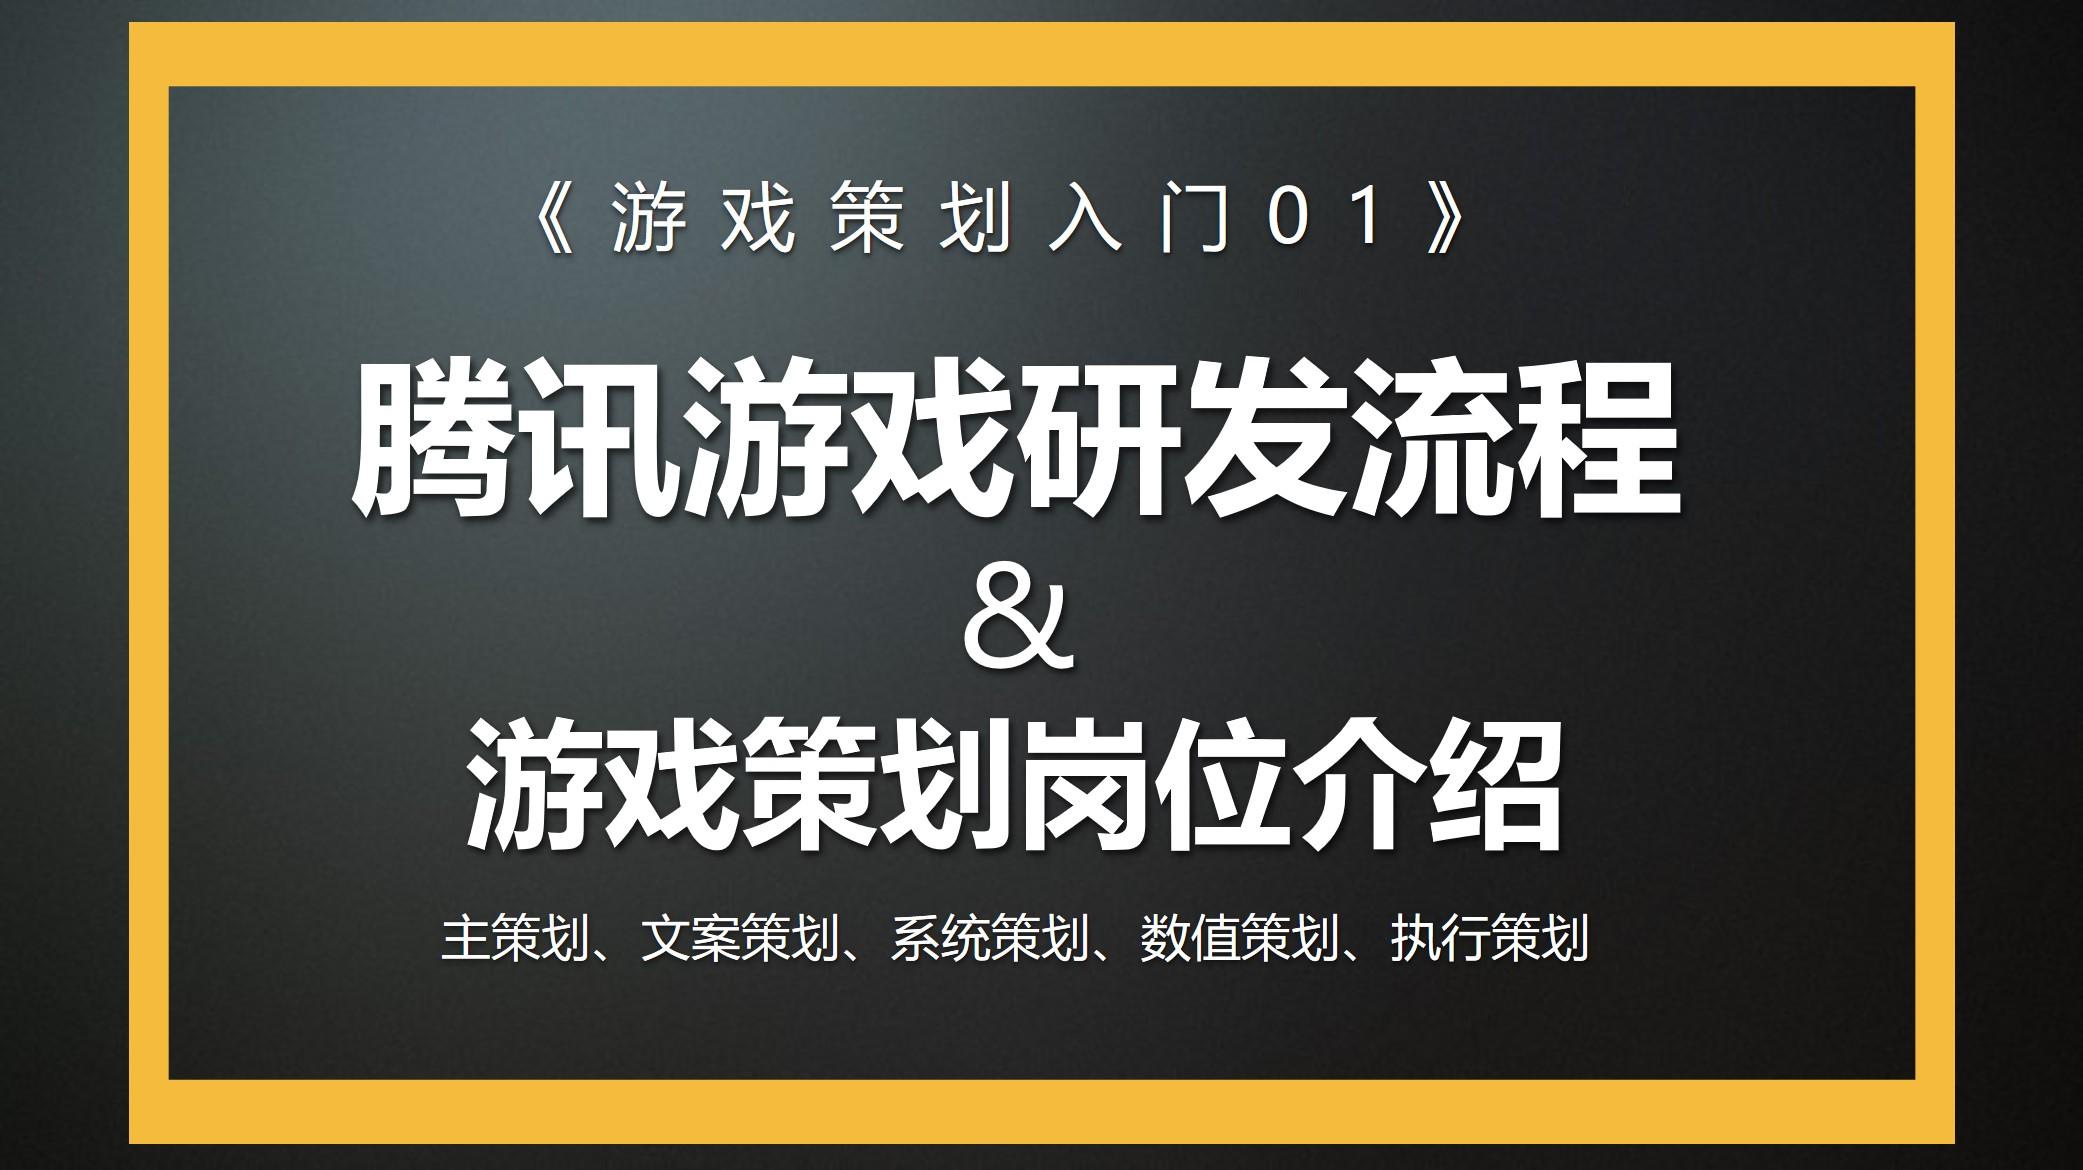 【游戏策划入门01】腾讯游戏研发流程和游戏策划岗位讲解